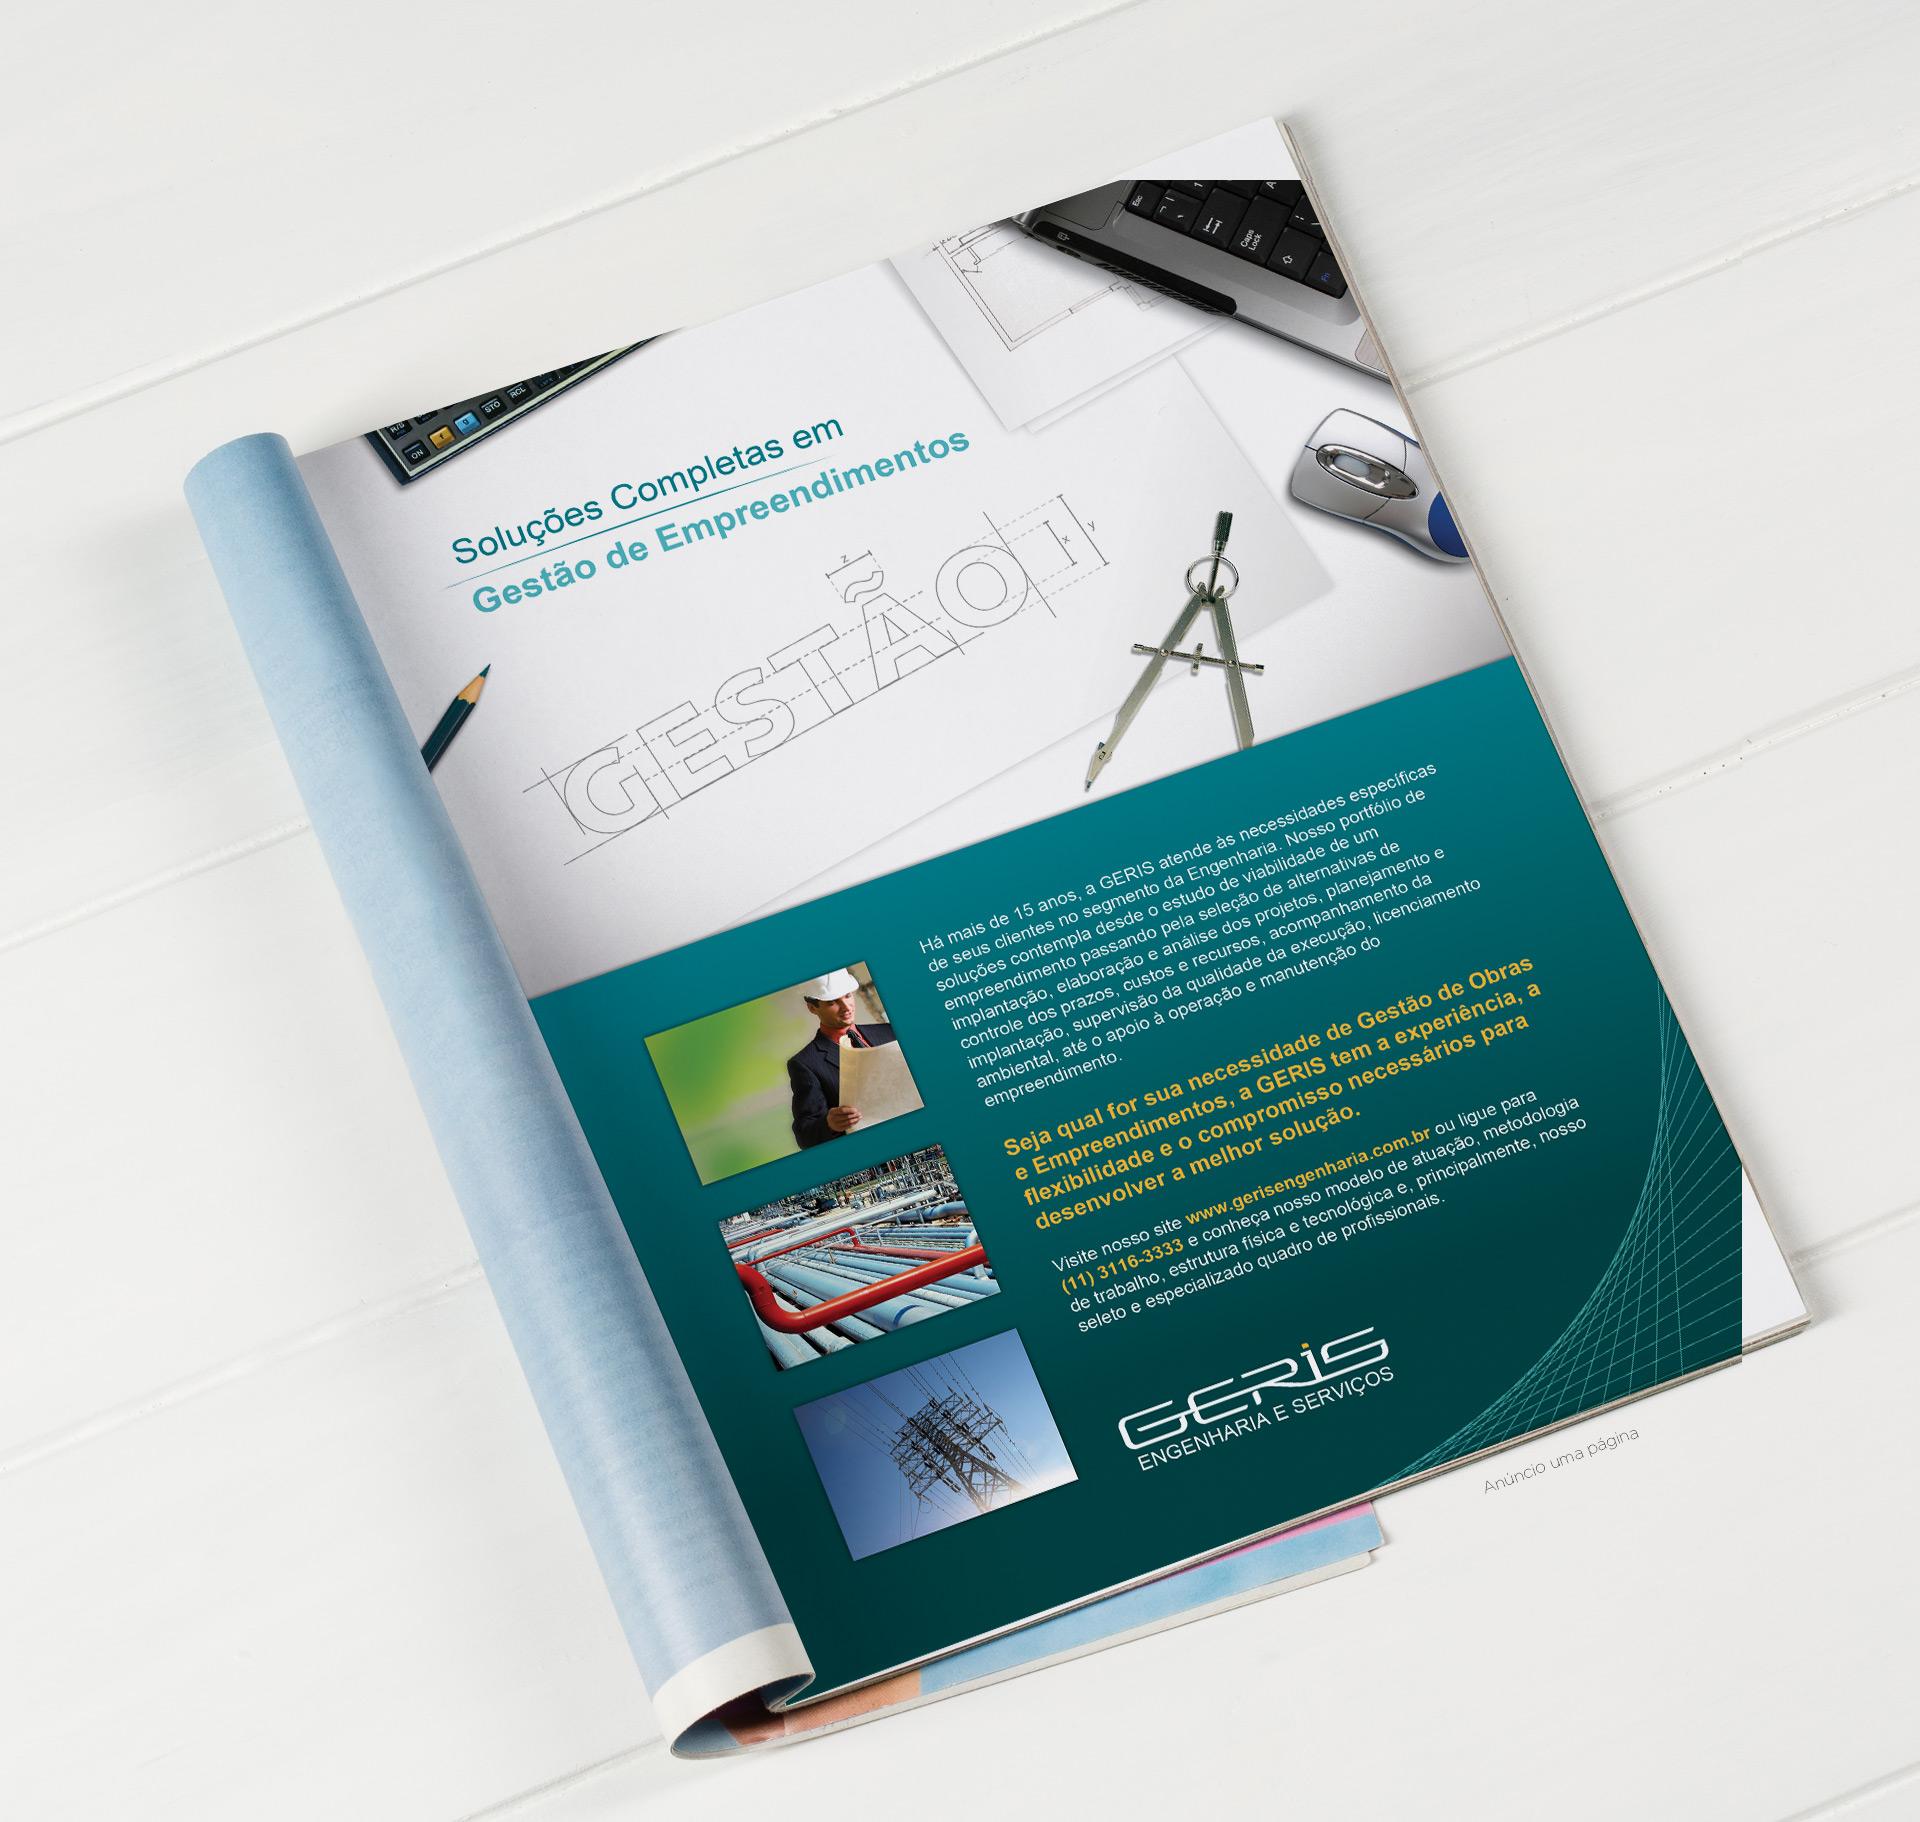 Anuncio de revista página inteira - Geris Engenharia